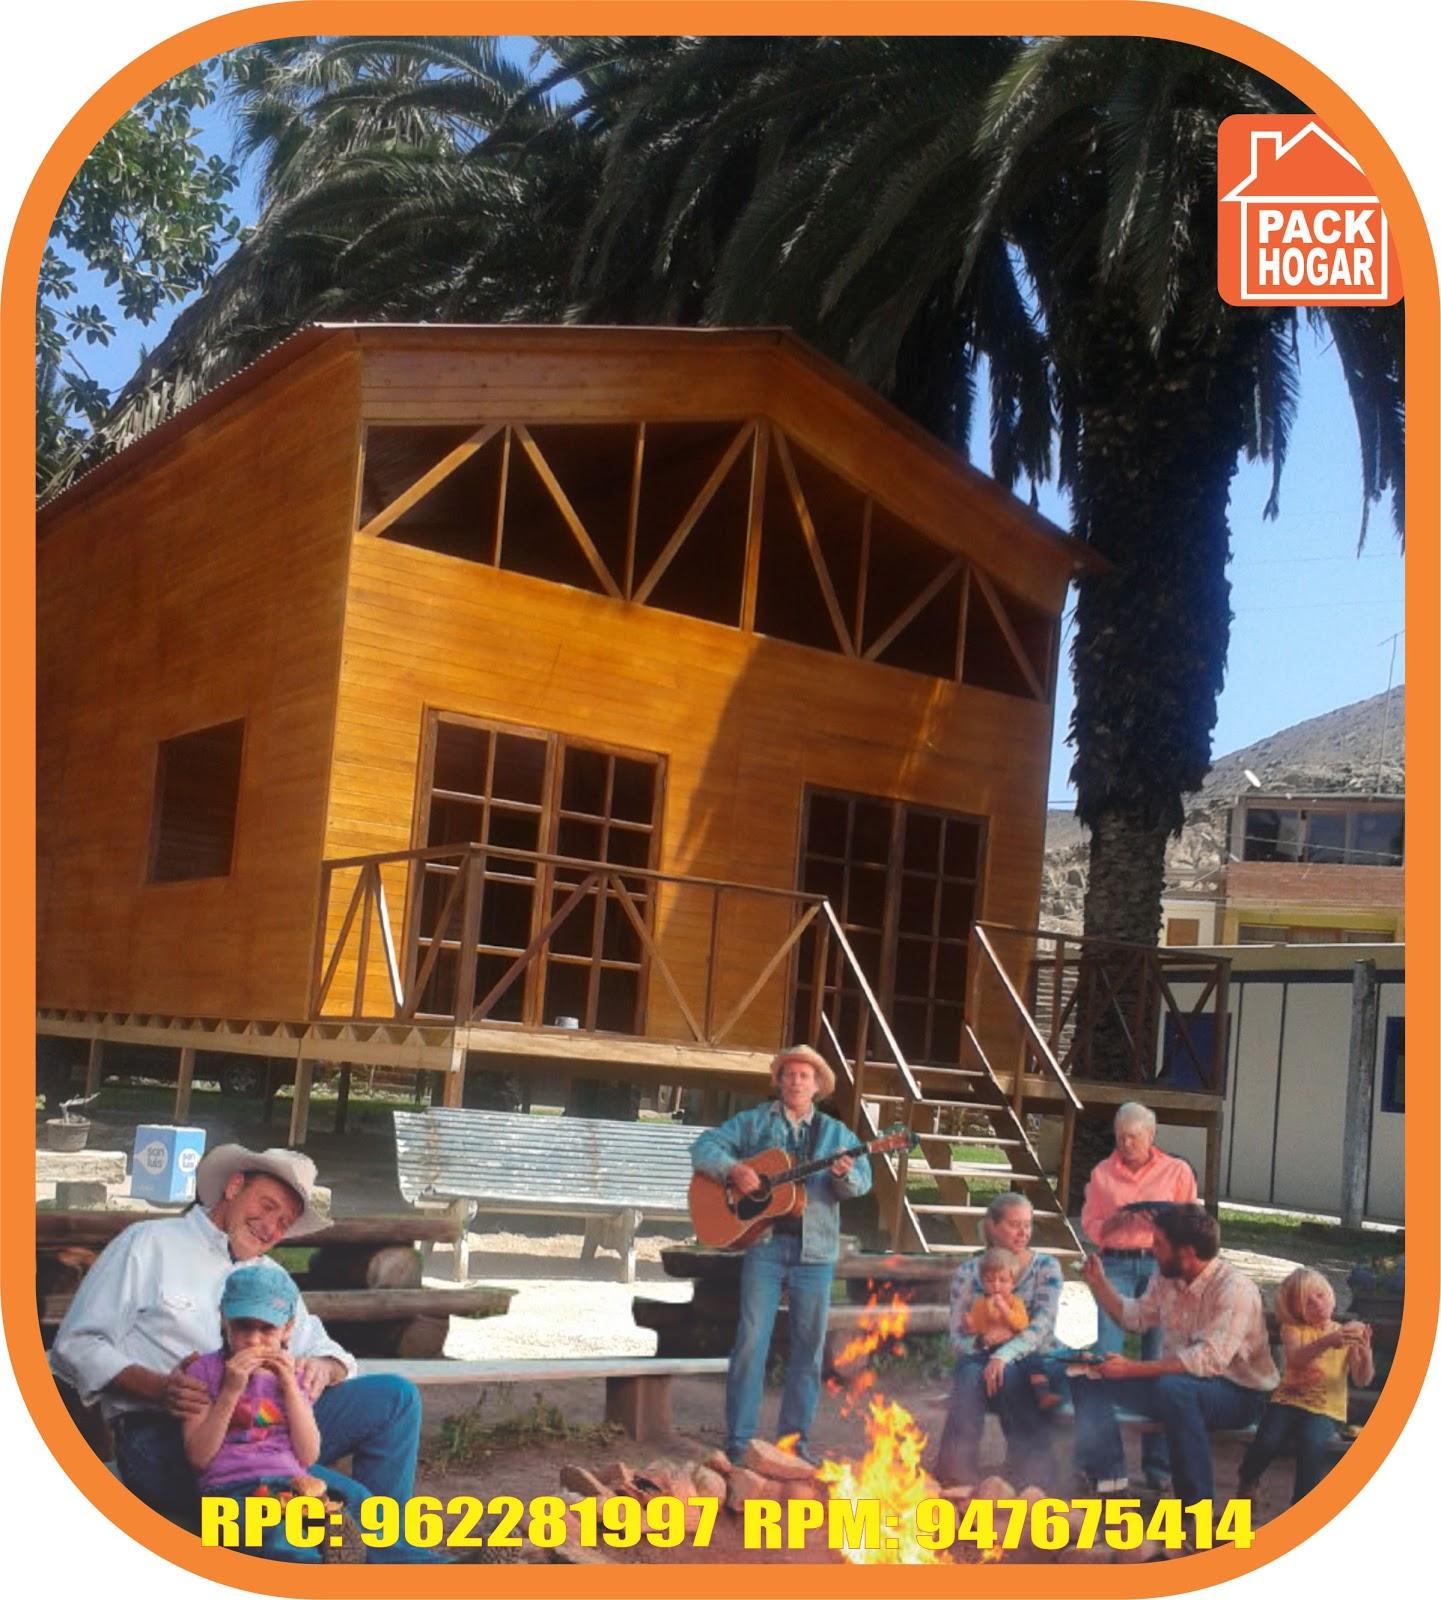 Cerro azul vivir en una casa de madera est de moda - Casas de madera para vivir ...